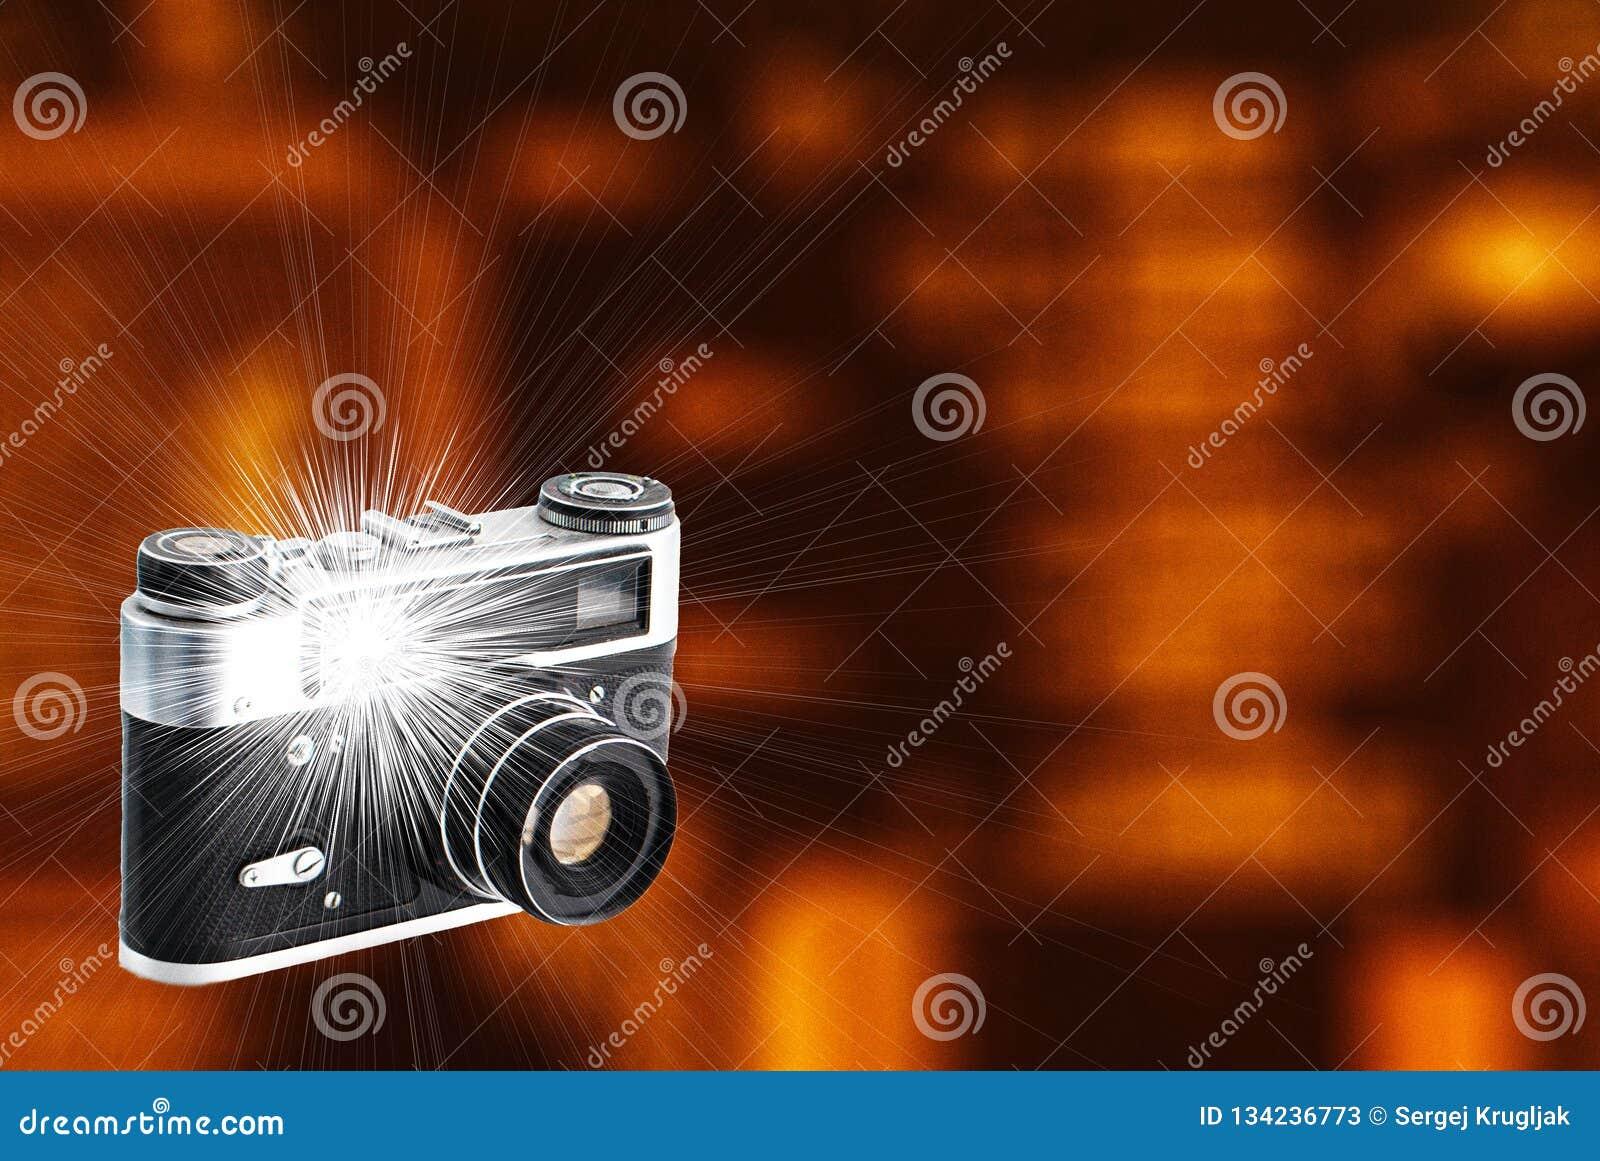 Retro macchina fotografica con un flash incorporato e un bello fondo